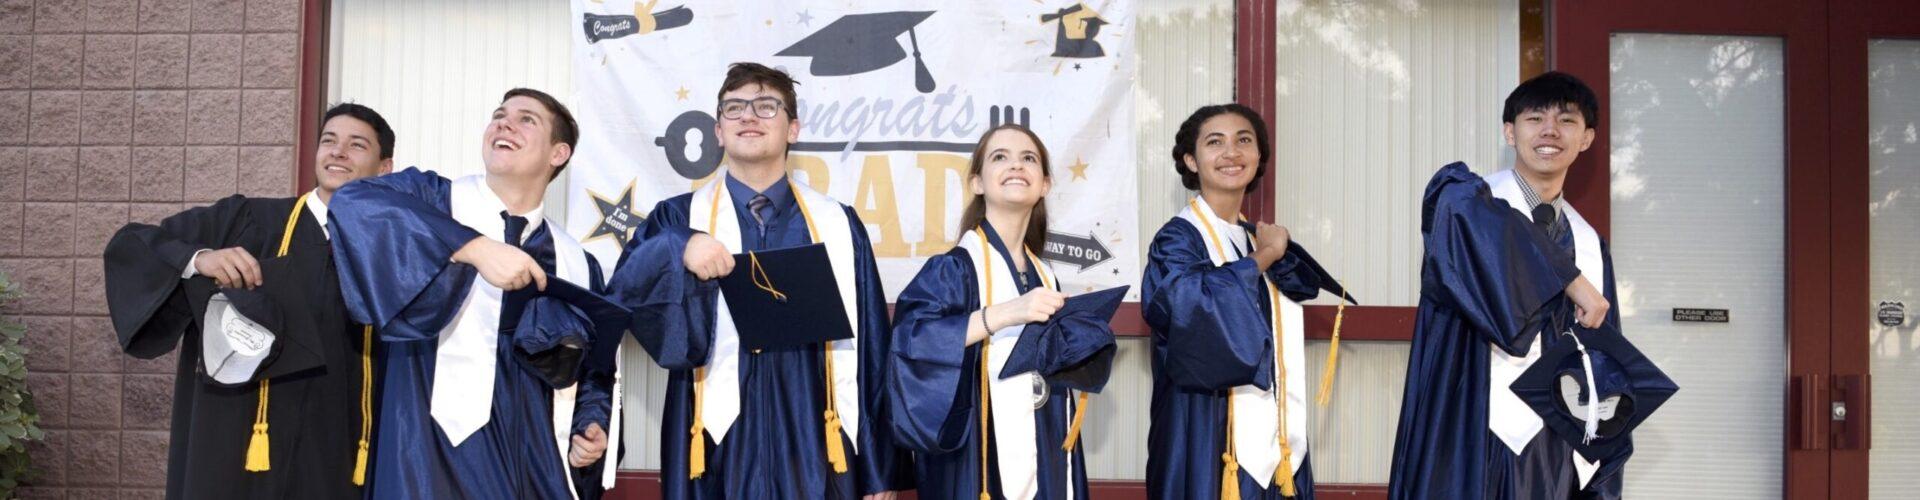 RCS 2019 Graduates